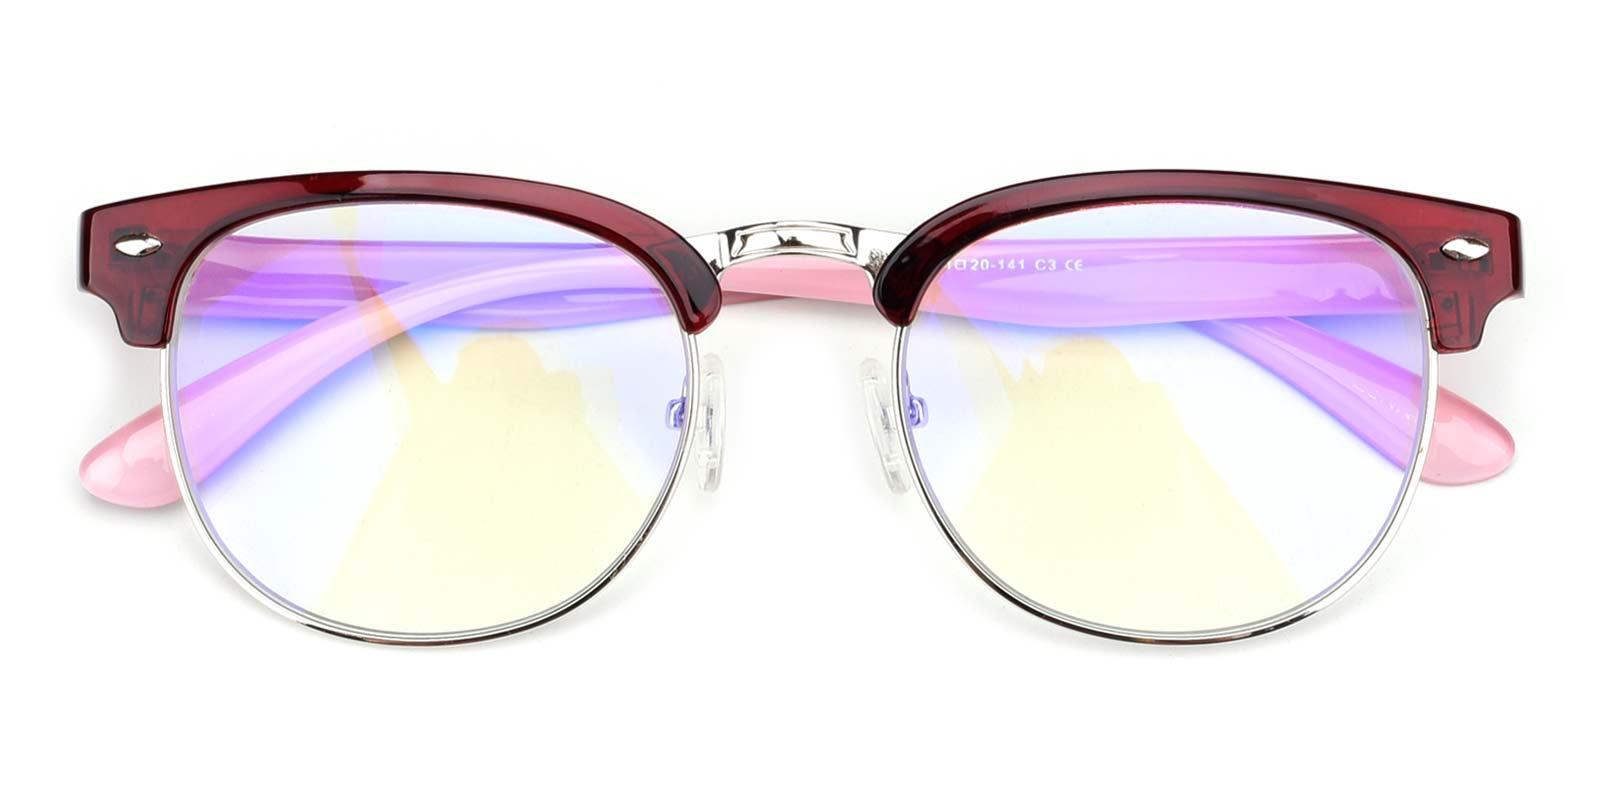 Hogan-Red-Browline-TR-Eyeglasses-detail